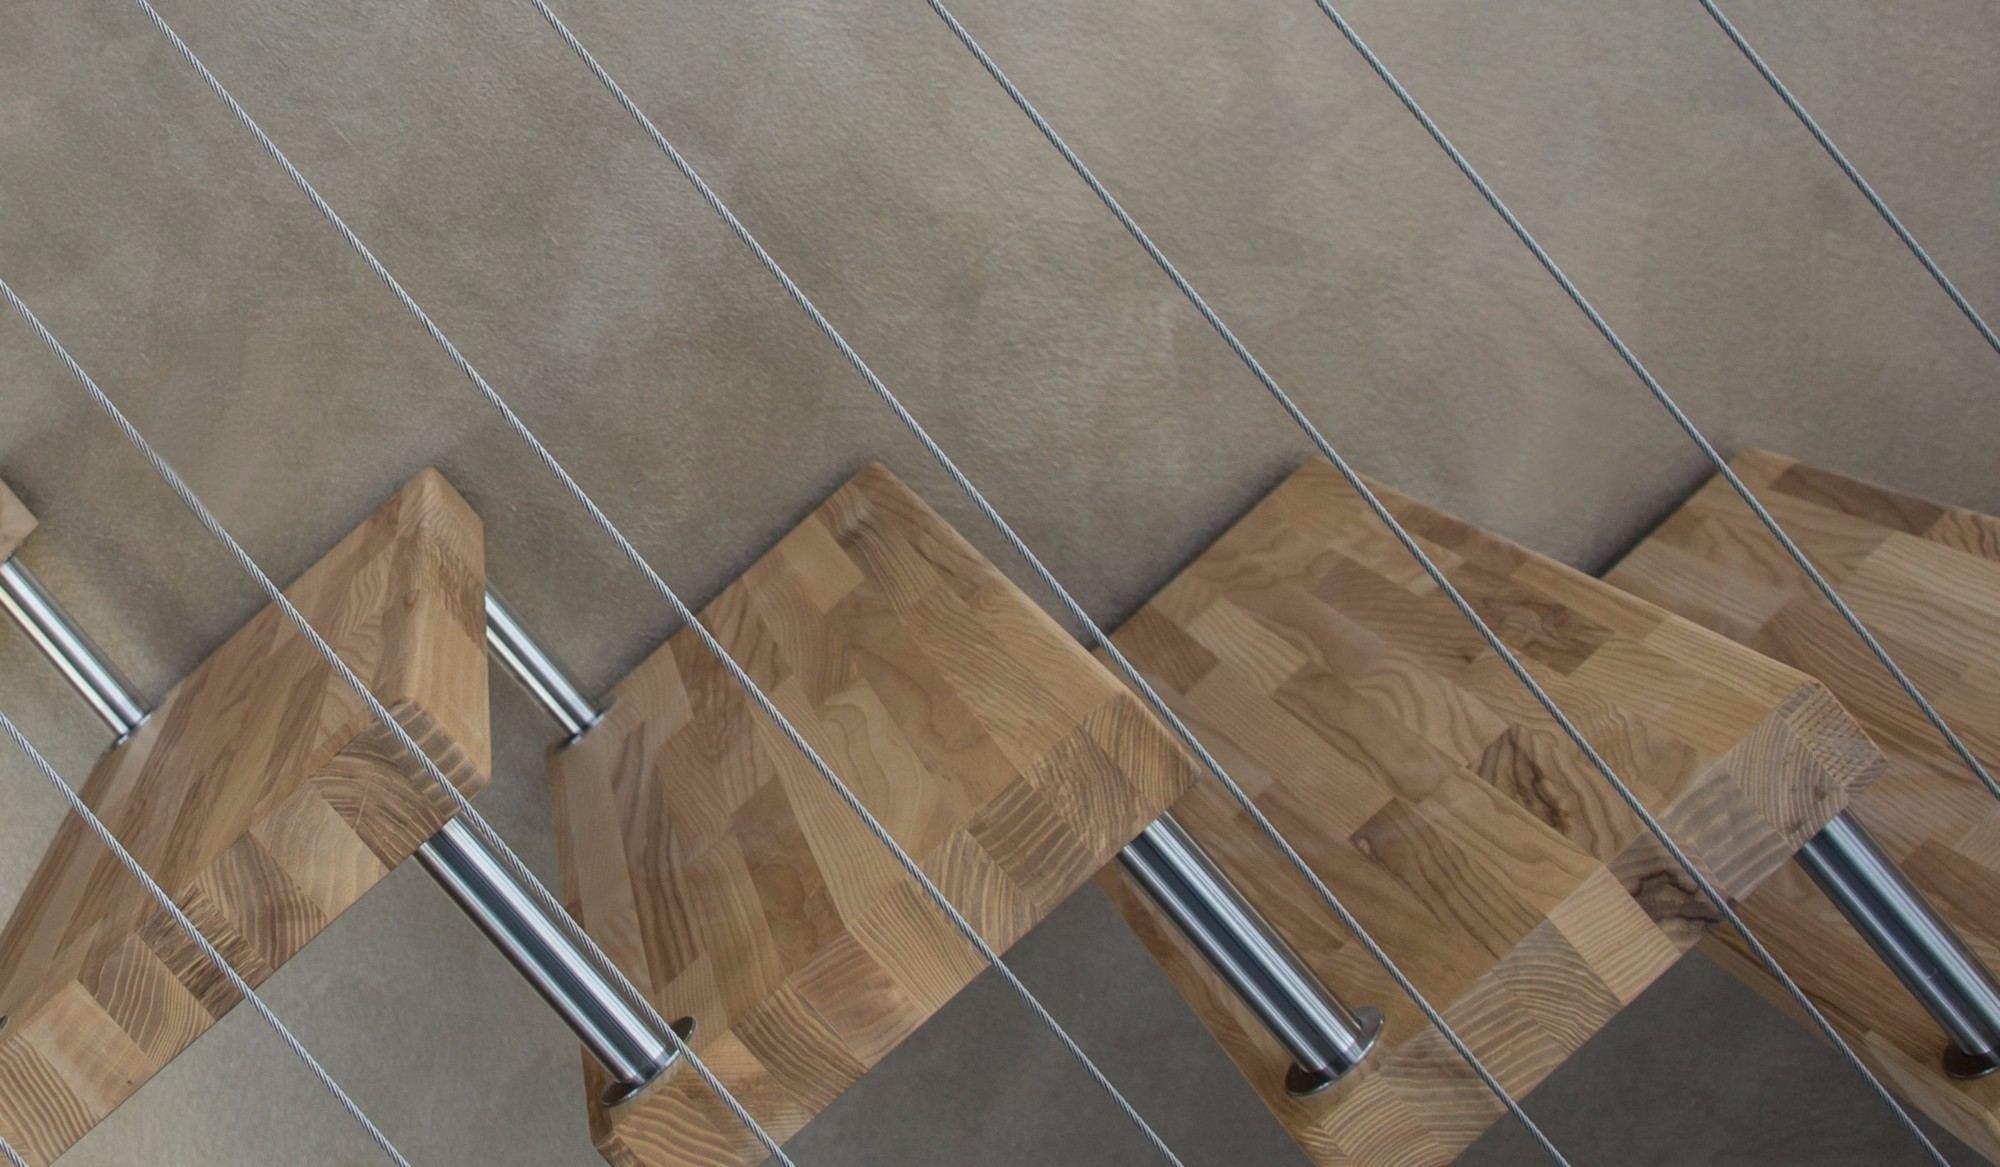 Escalier Val D Oise réalisation d'escalier en bois sur mesure val-d'oise (95)